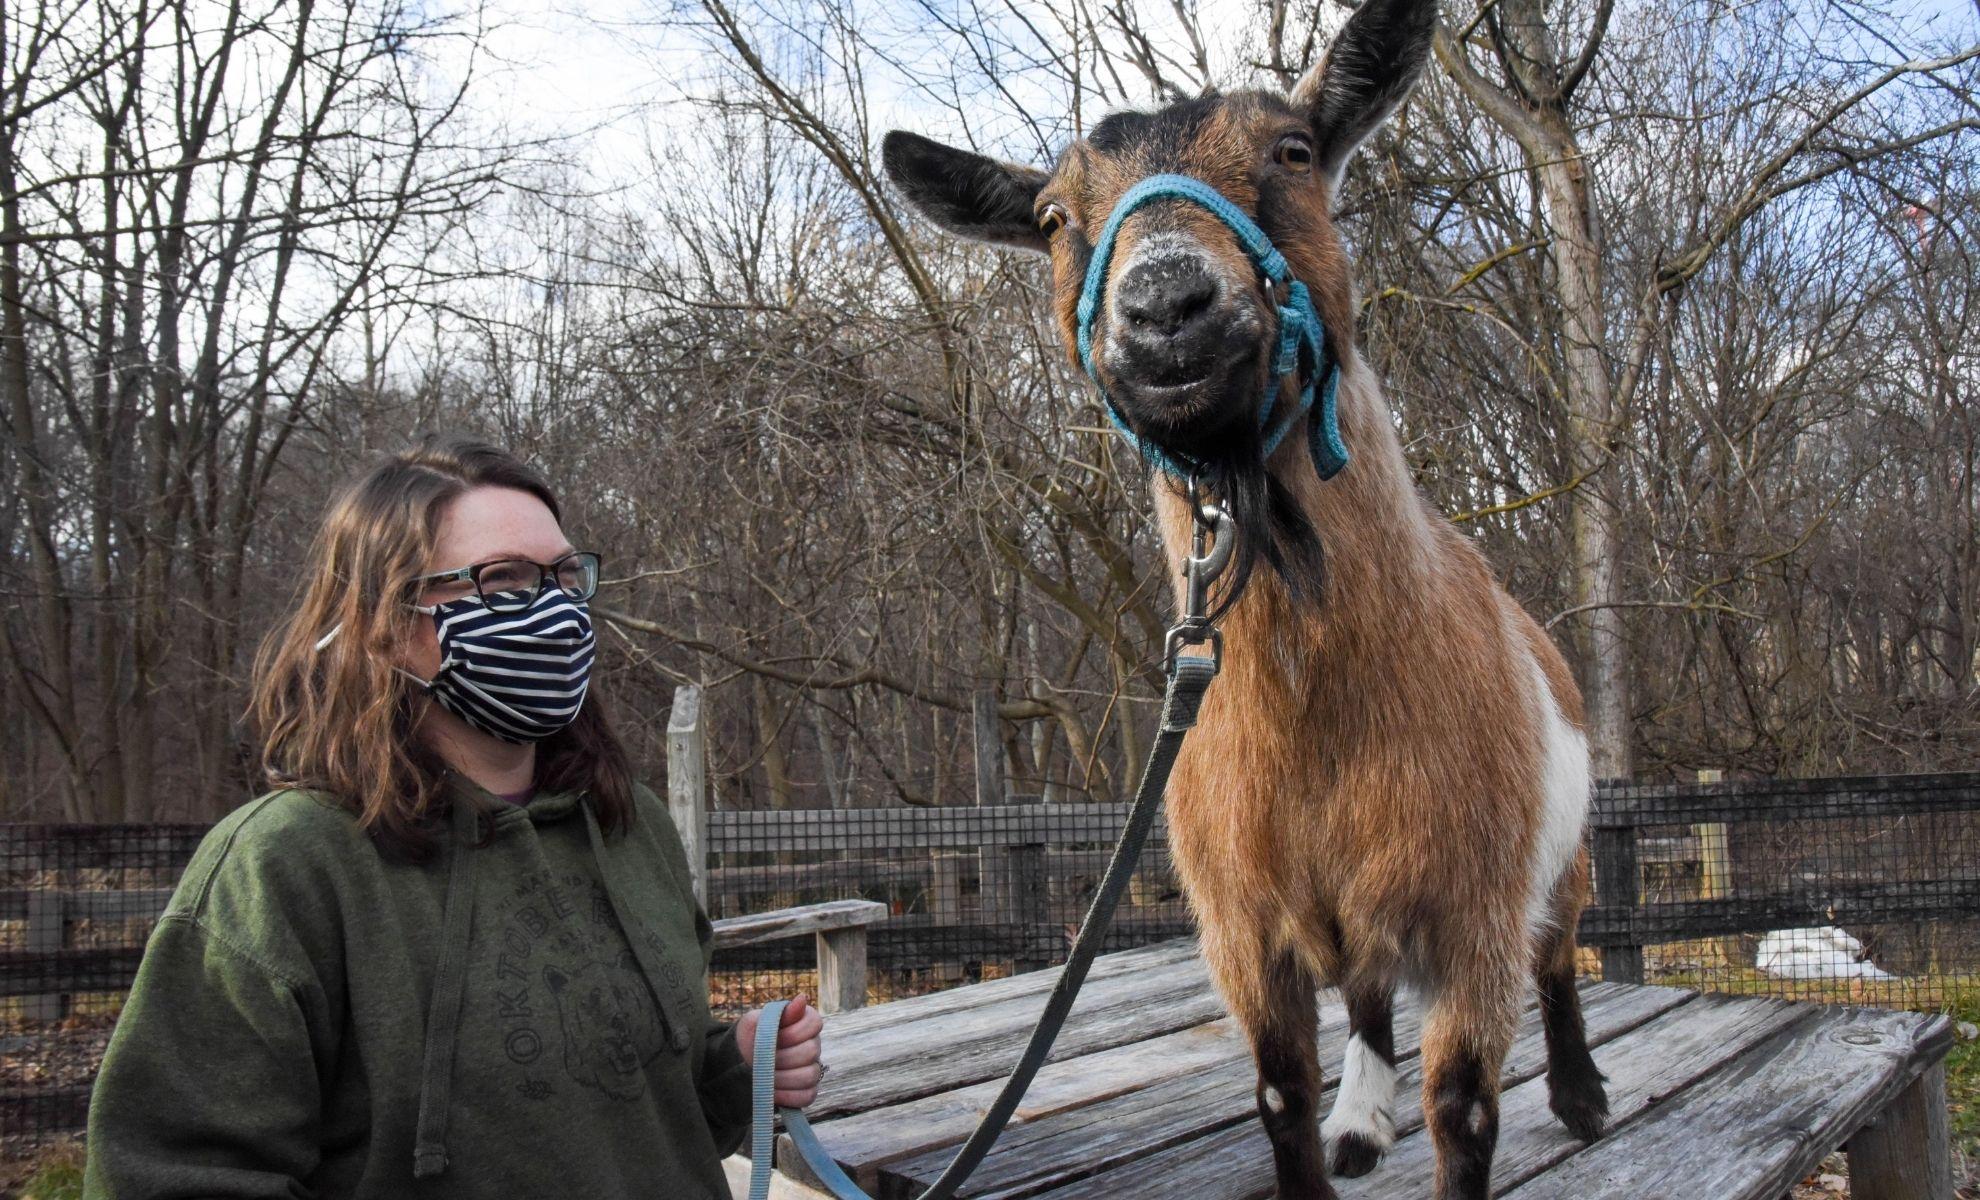 Maryland Zoo New Experiences